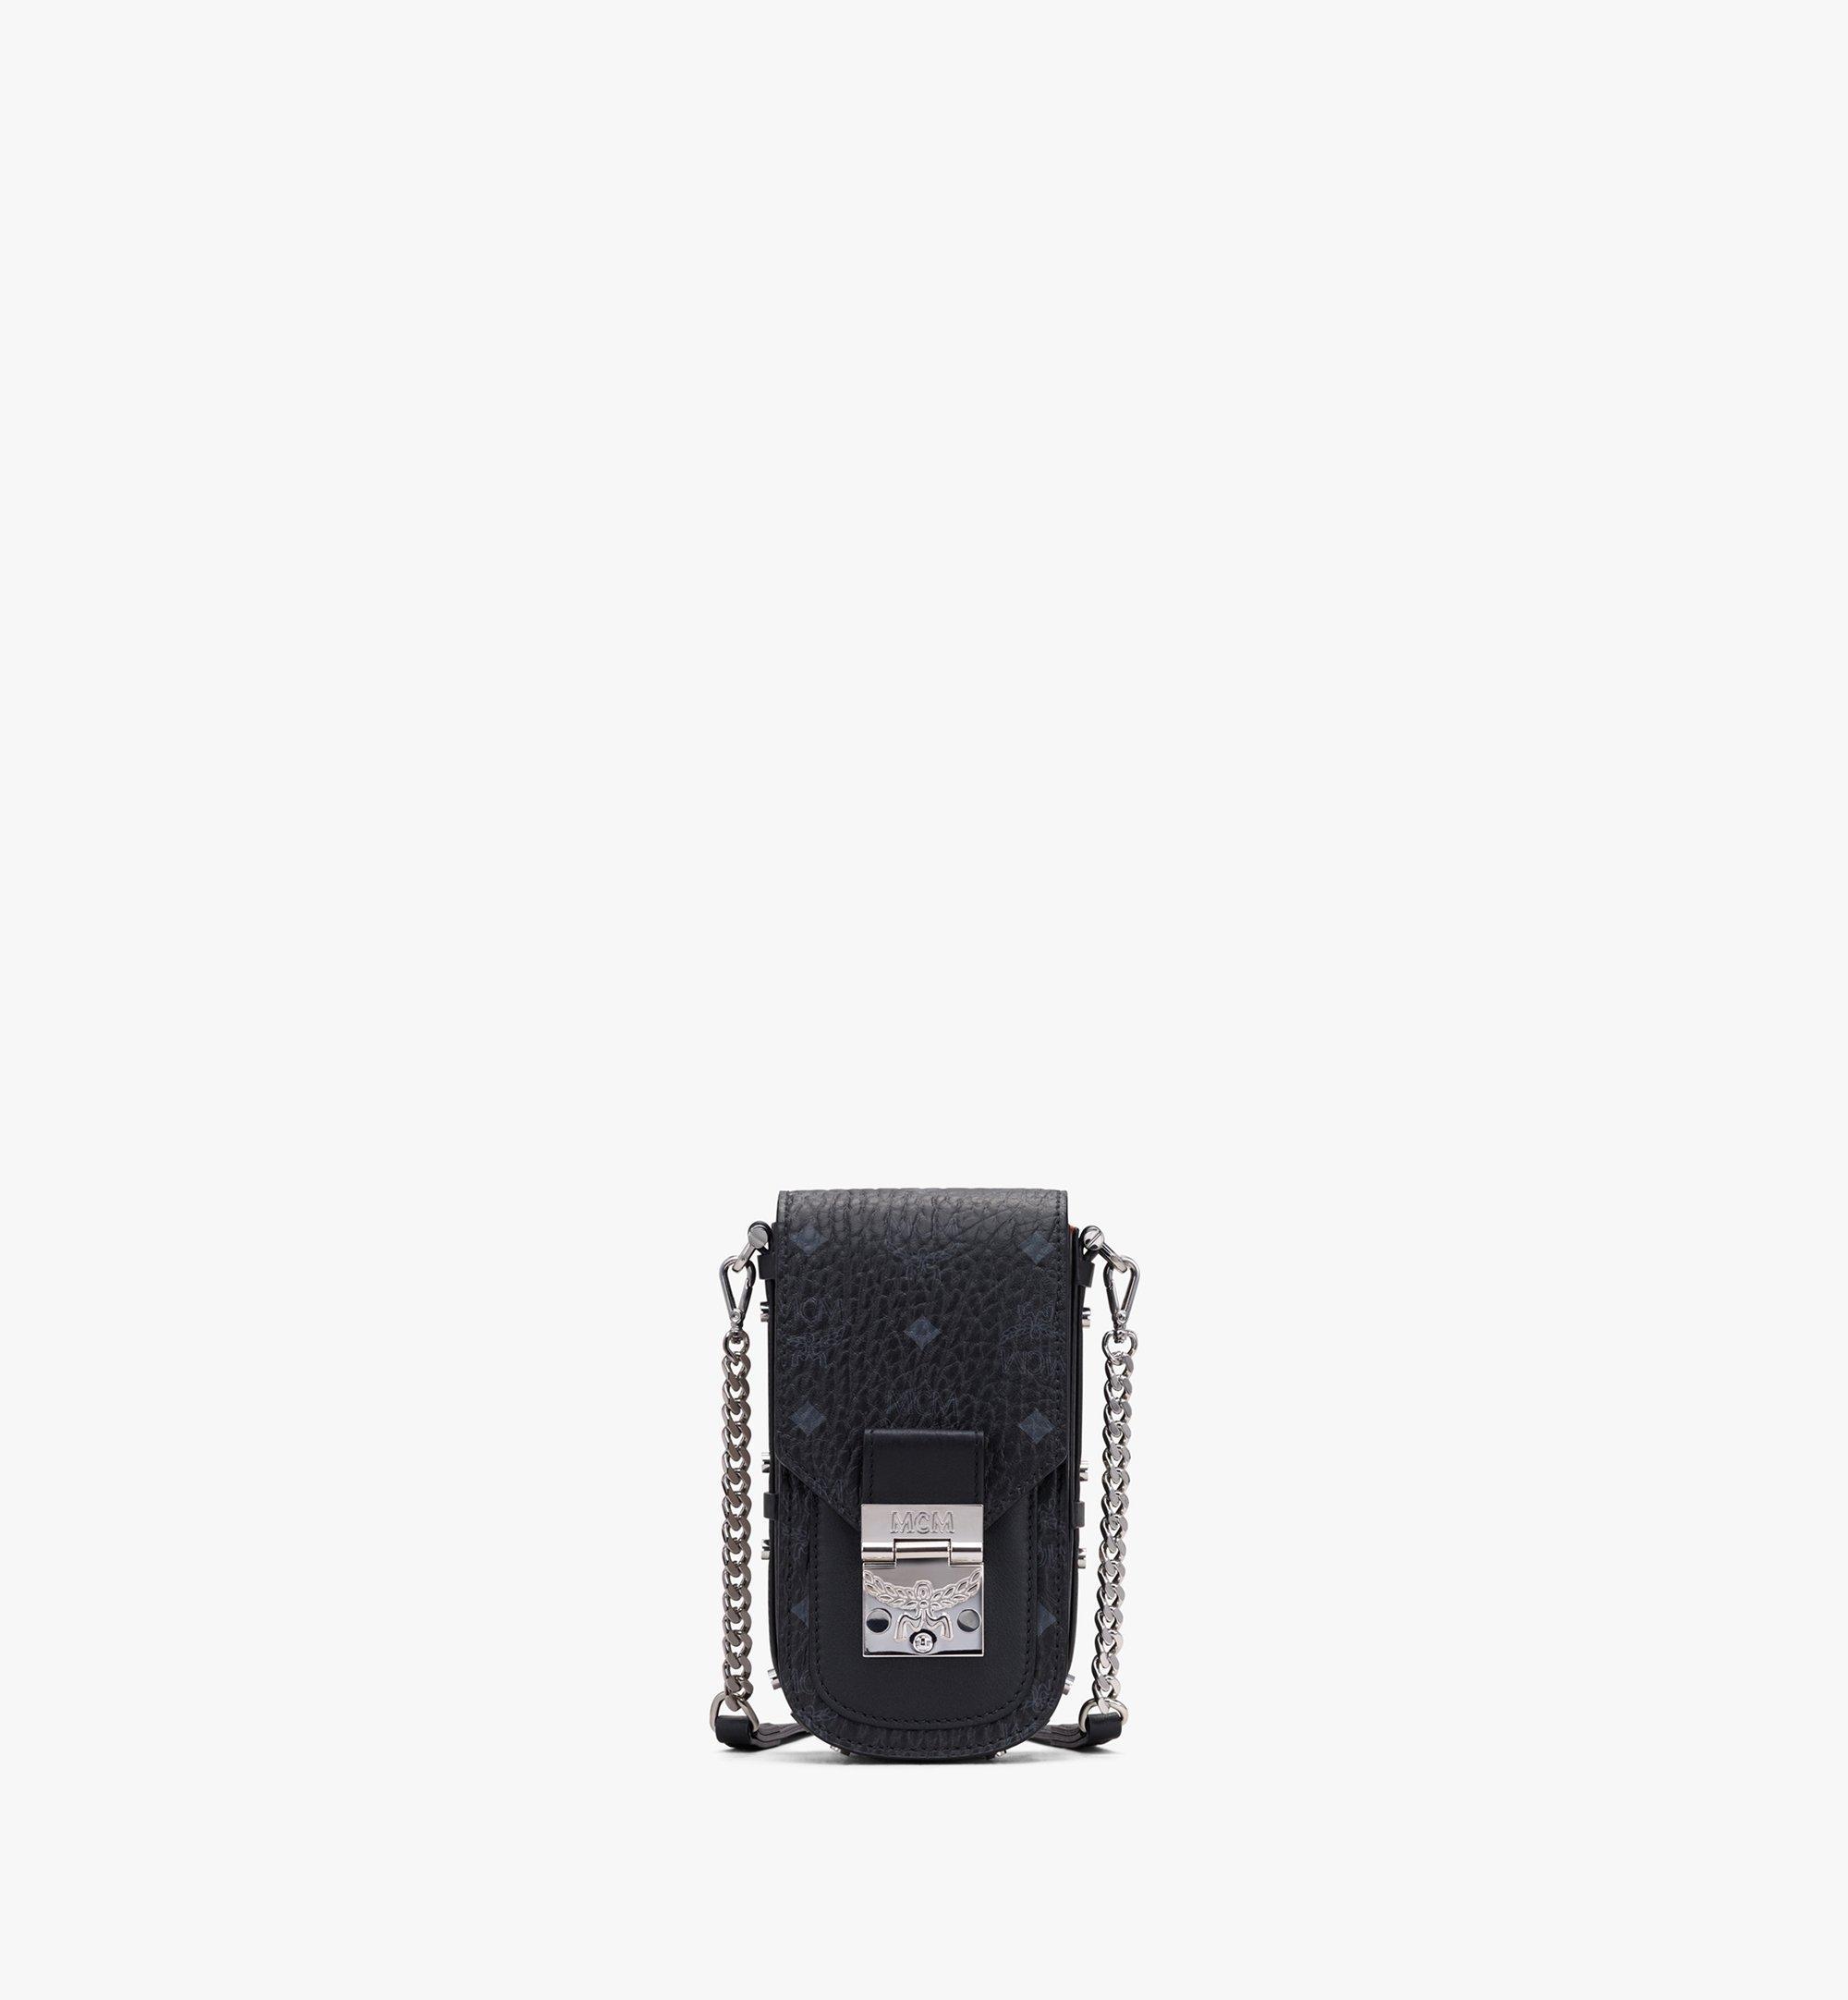 MCM Patricia Mini-Crossbody-Tasche in Visetos Black MWRASPA04BK001 Alternate View 1